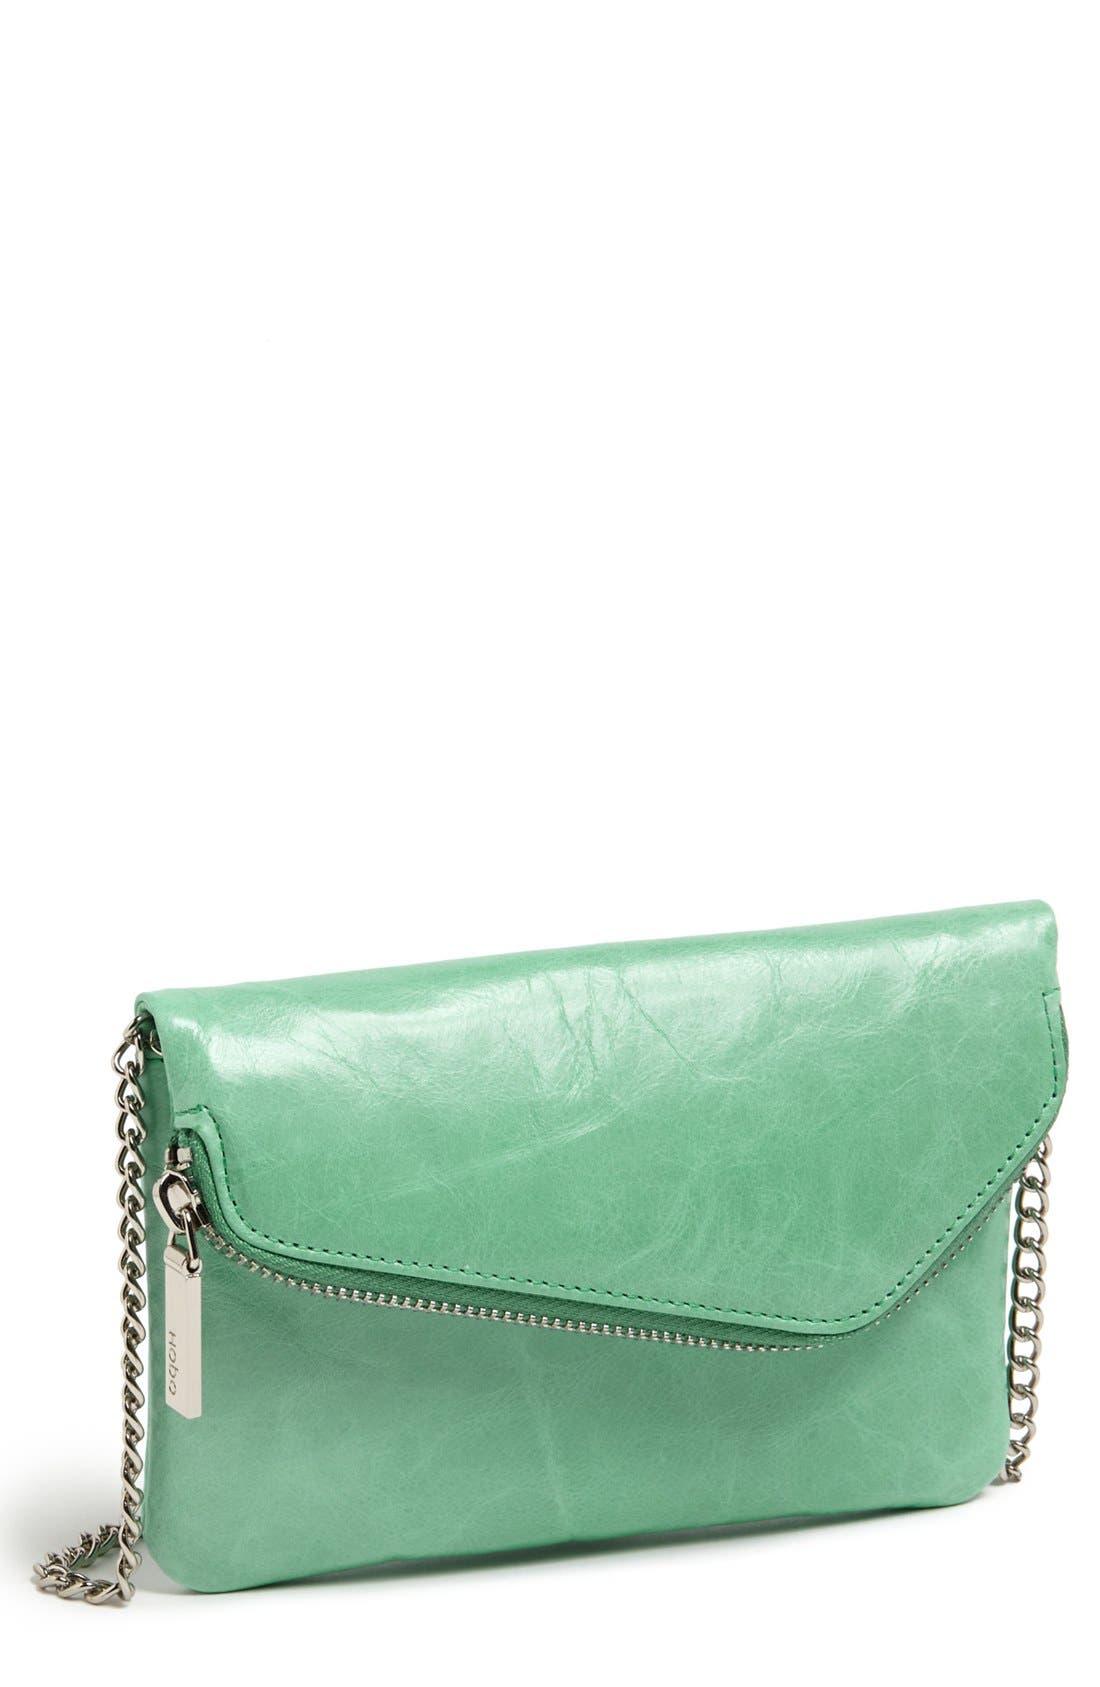 Main Image - Hobo 'Daria' Leather Crossbody Bag